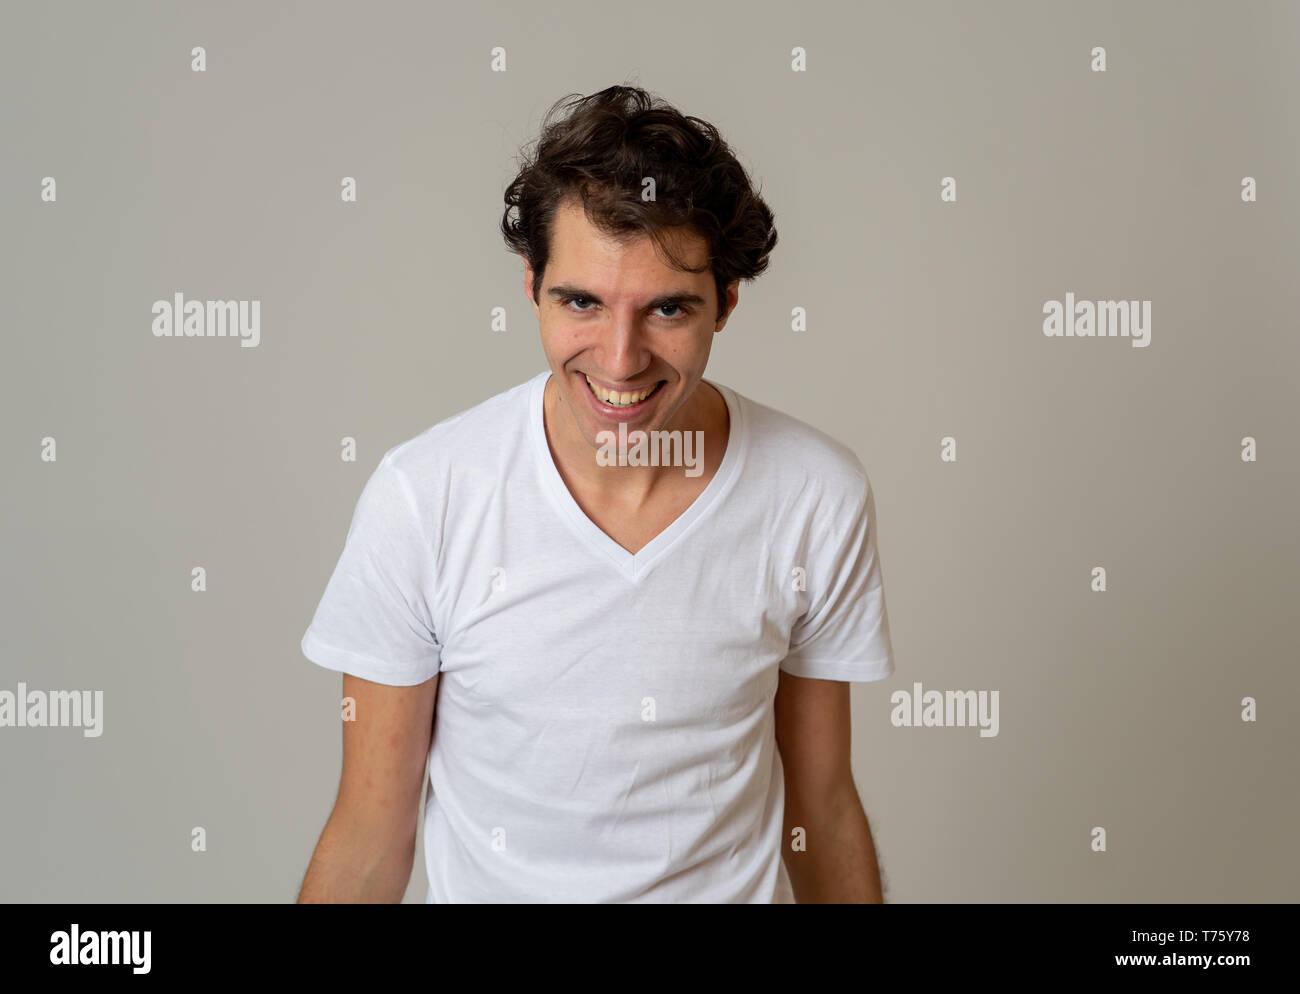 Close up Portrait von lustigen jungen Mann suchen peinlich schäme und Scheu vor neutralem Hintergrund, in den Menschen, die menschliche Emotionen und Exp isoliert Stockfoto